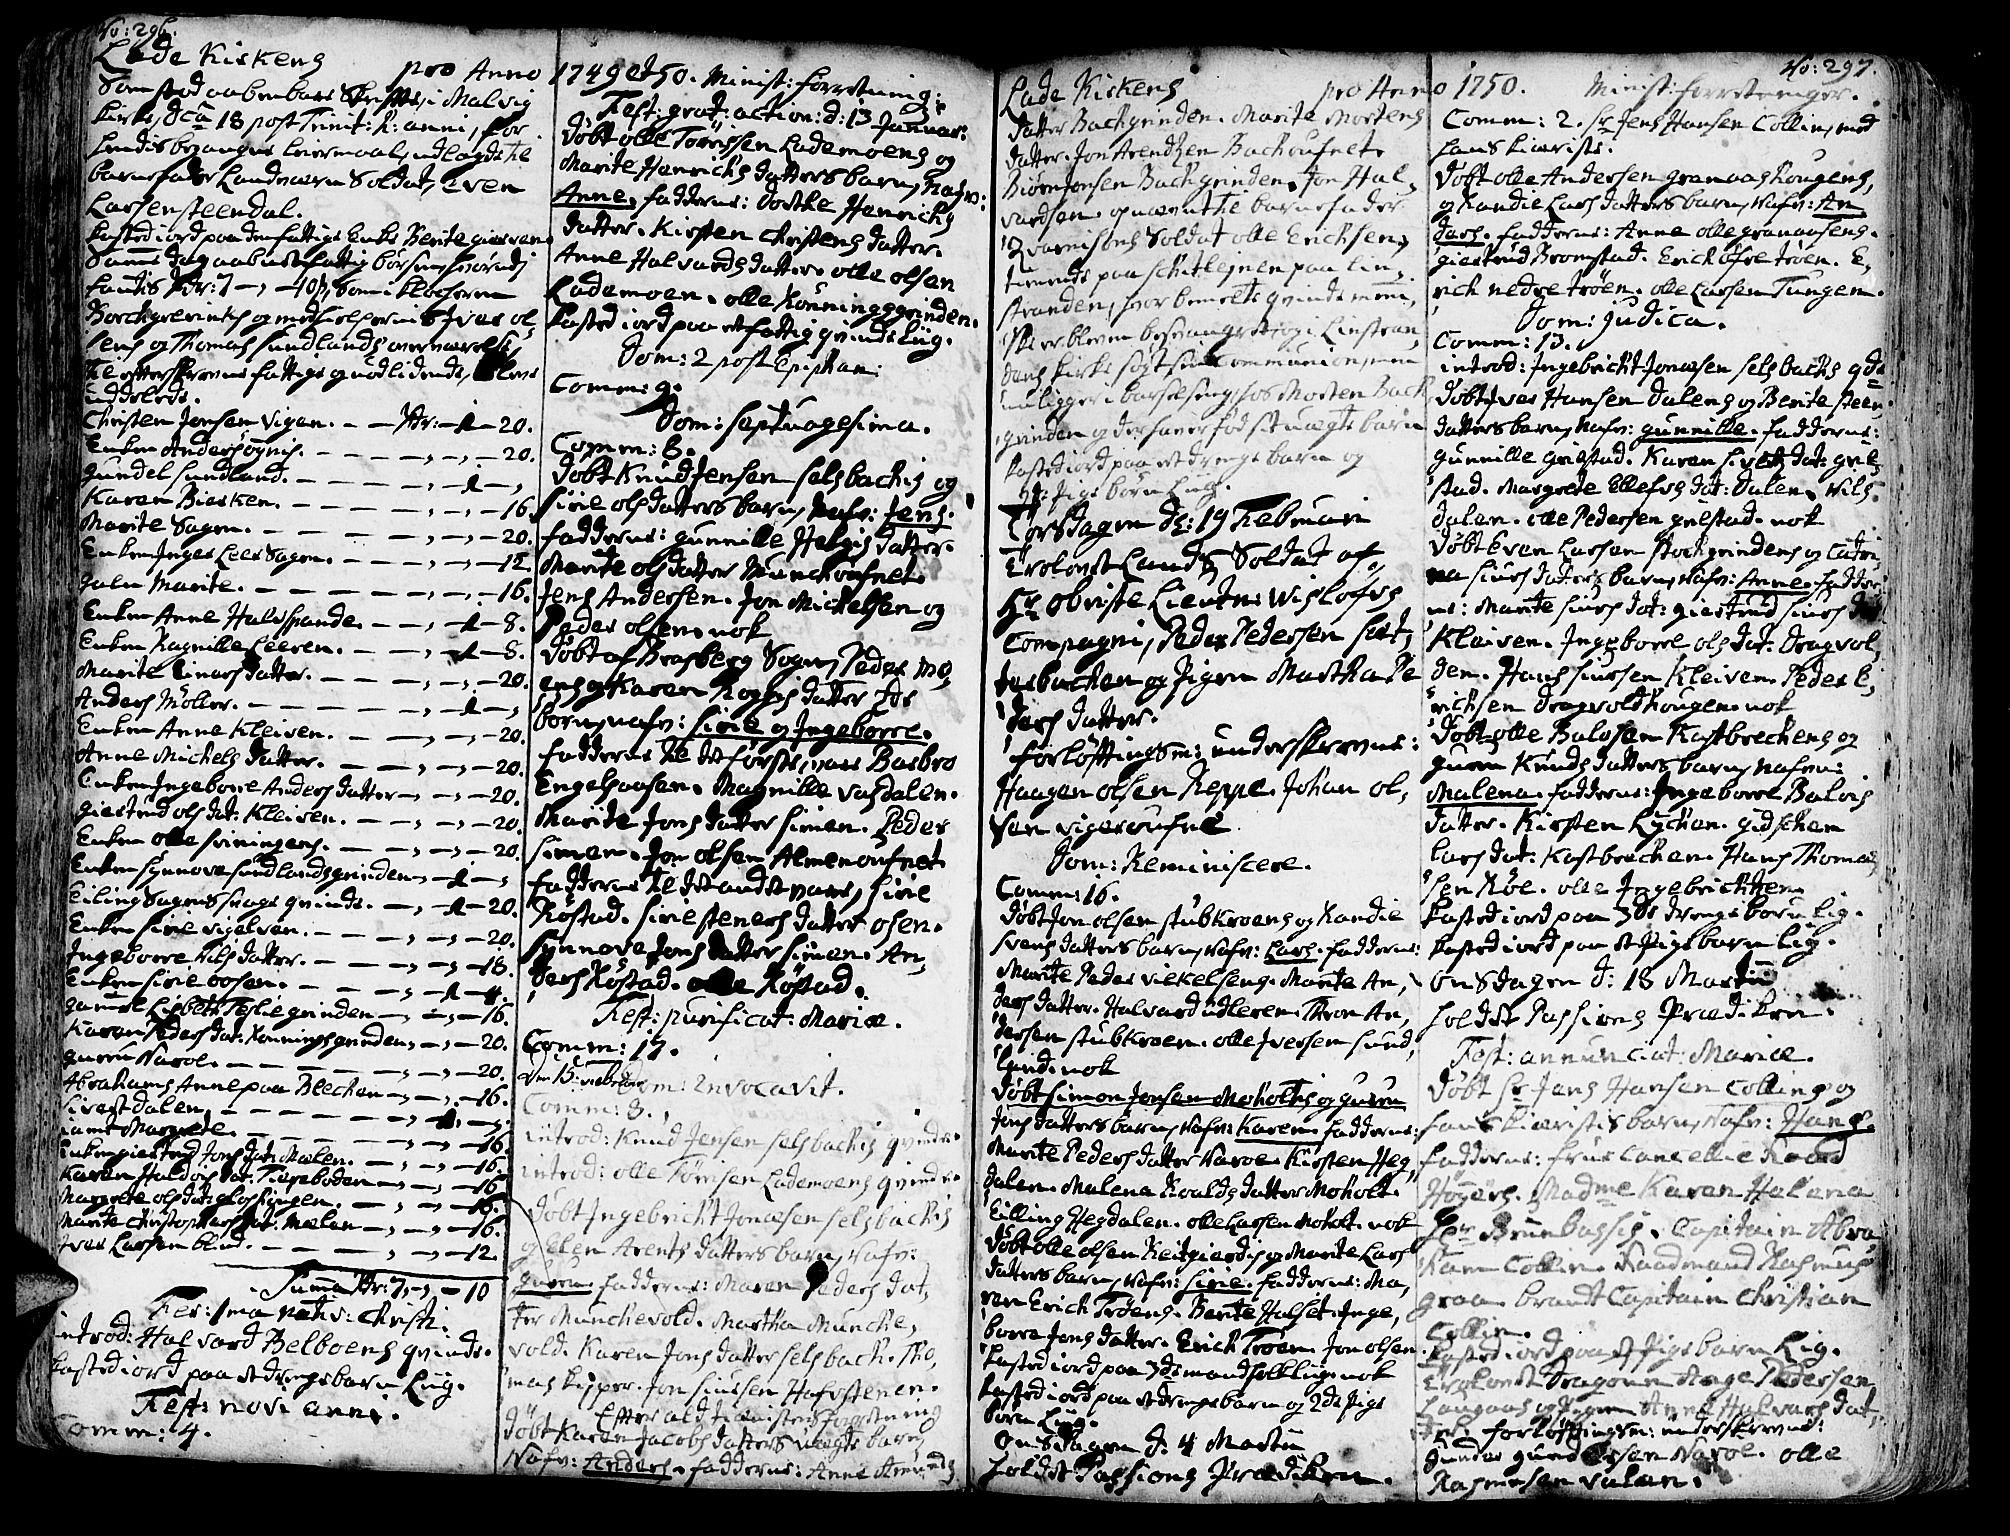 SAT, Ministerialprotokoller, klokkerbøker og fødselsregistre - Sør-Trøndelag, 606/L0275: Ministerialbok nr. 606A01 /1, 1727-1780, s. 296-297